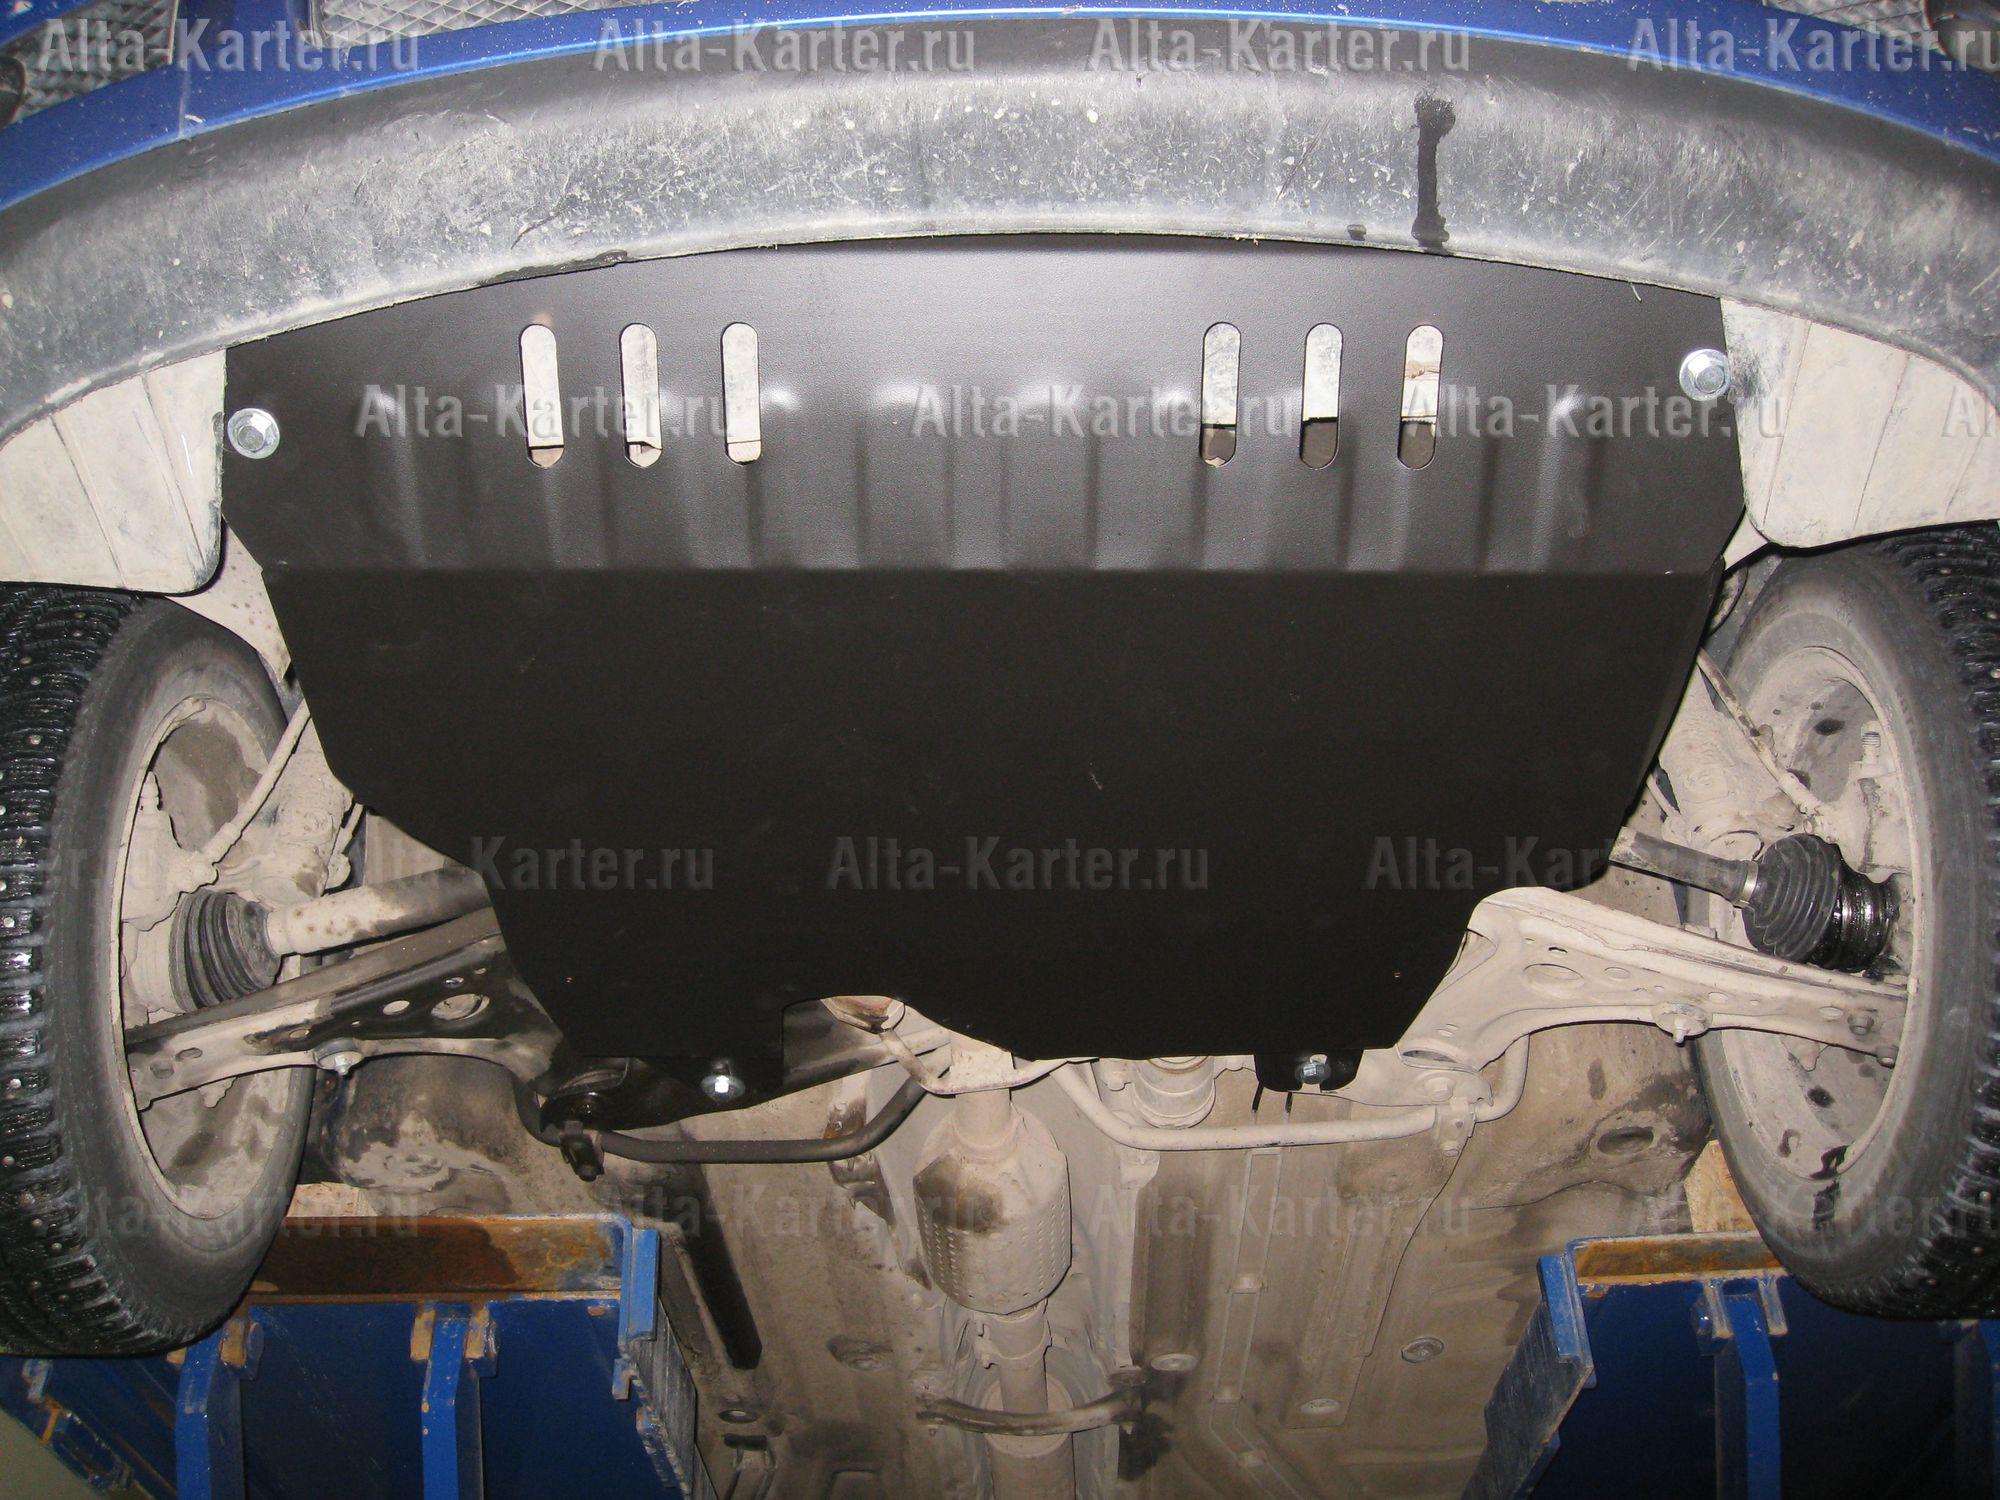 Защита Alfeco для картера и КПП Volkswagen Polo III 1994-2000. Артикул ALF.26.27